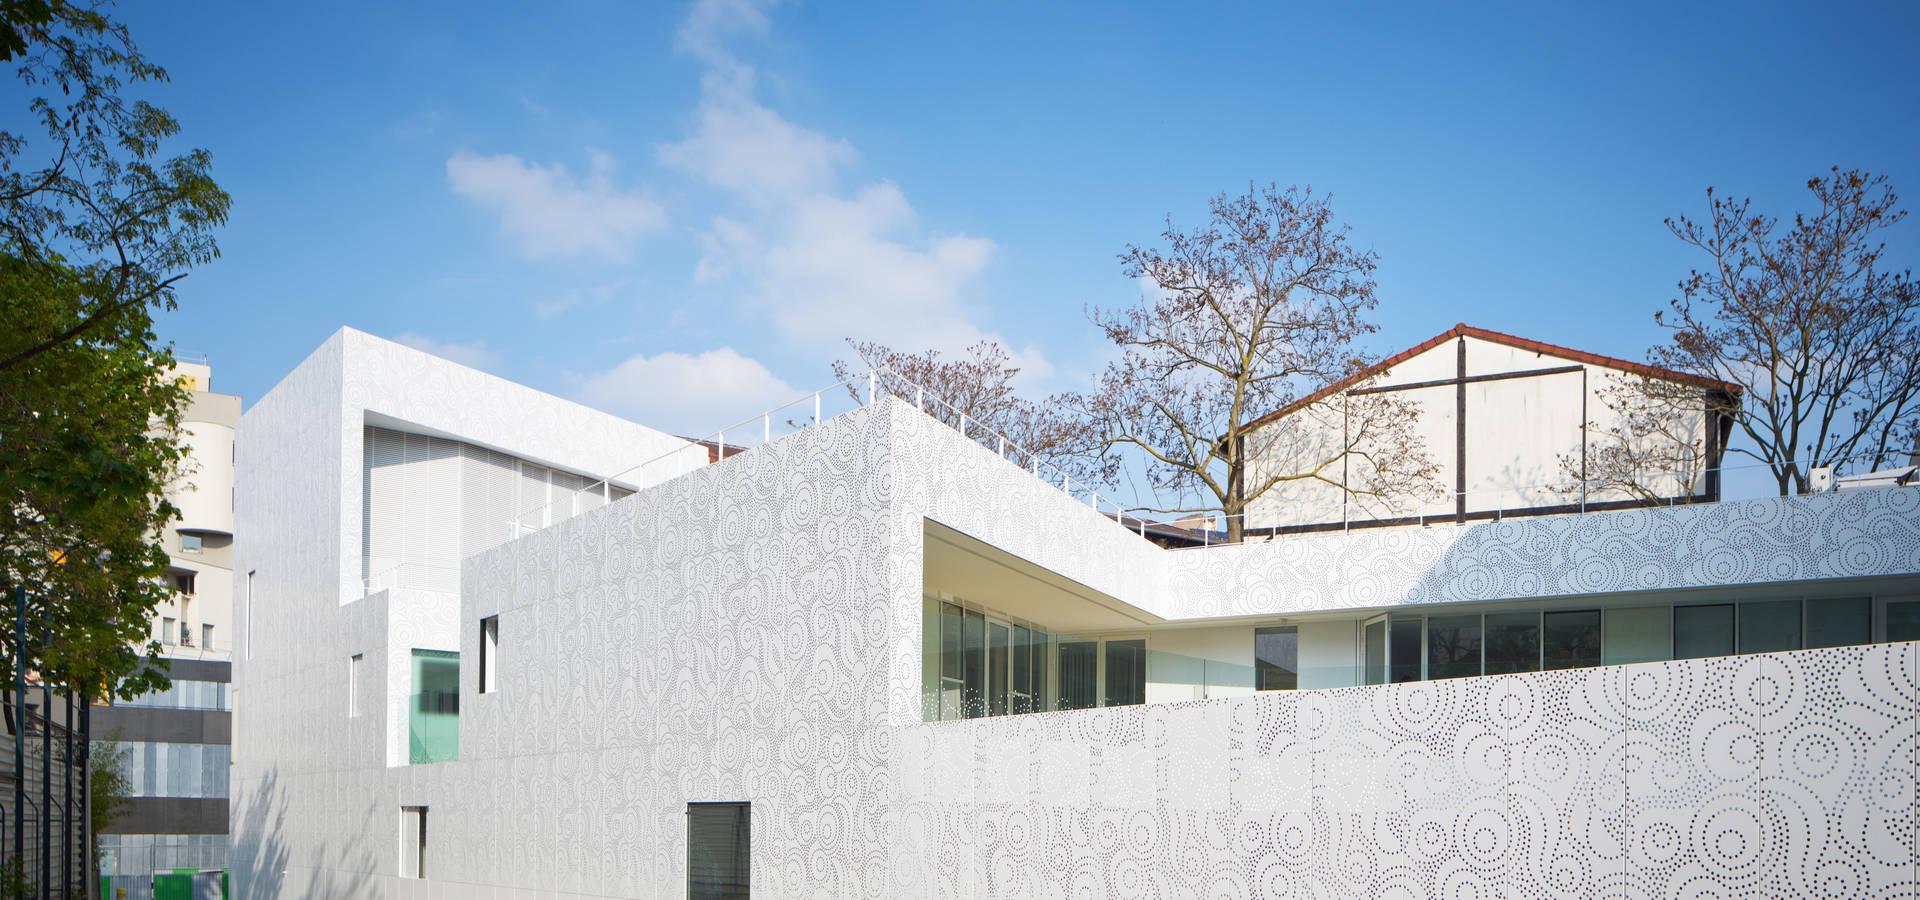 145 logements fam pmi avenier cornejo architectes et gausa raveau actarquitectura par. Black Bedroom Furniture Sets. Home Design Ideas